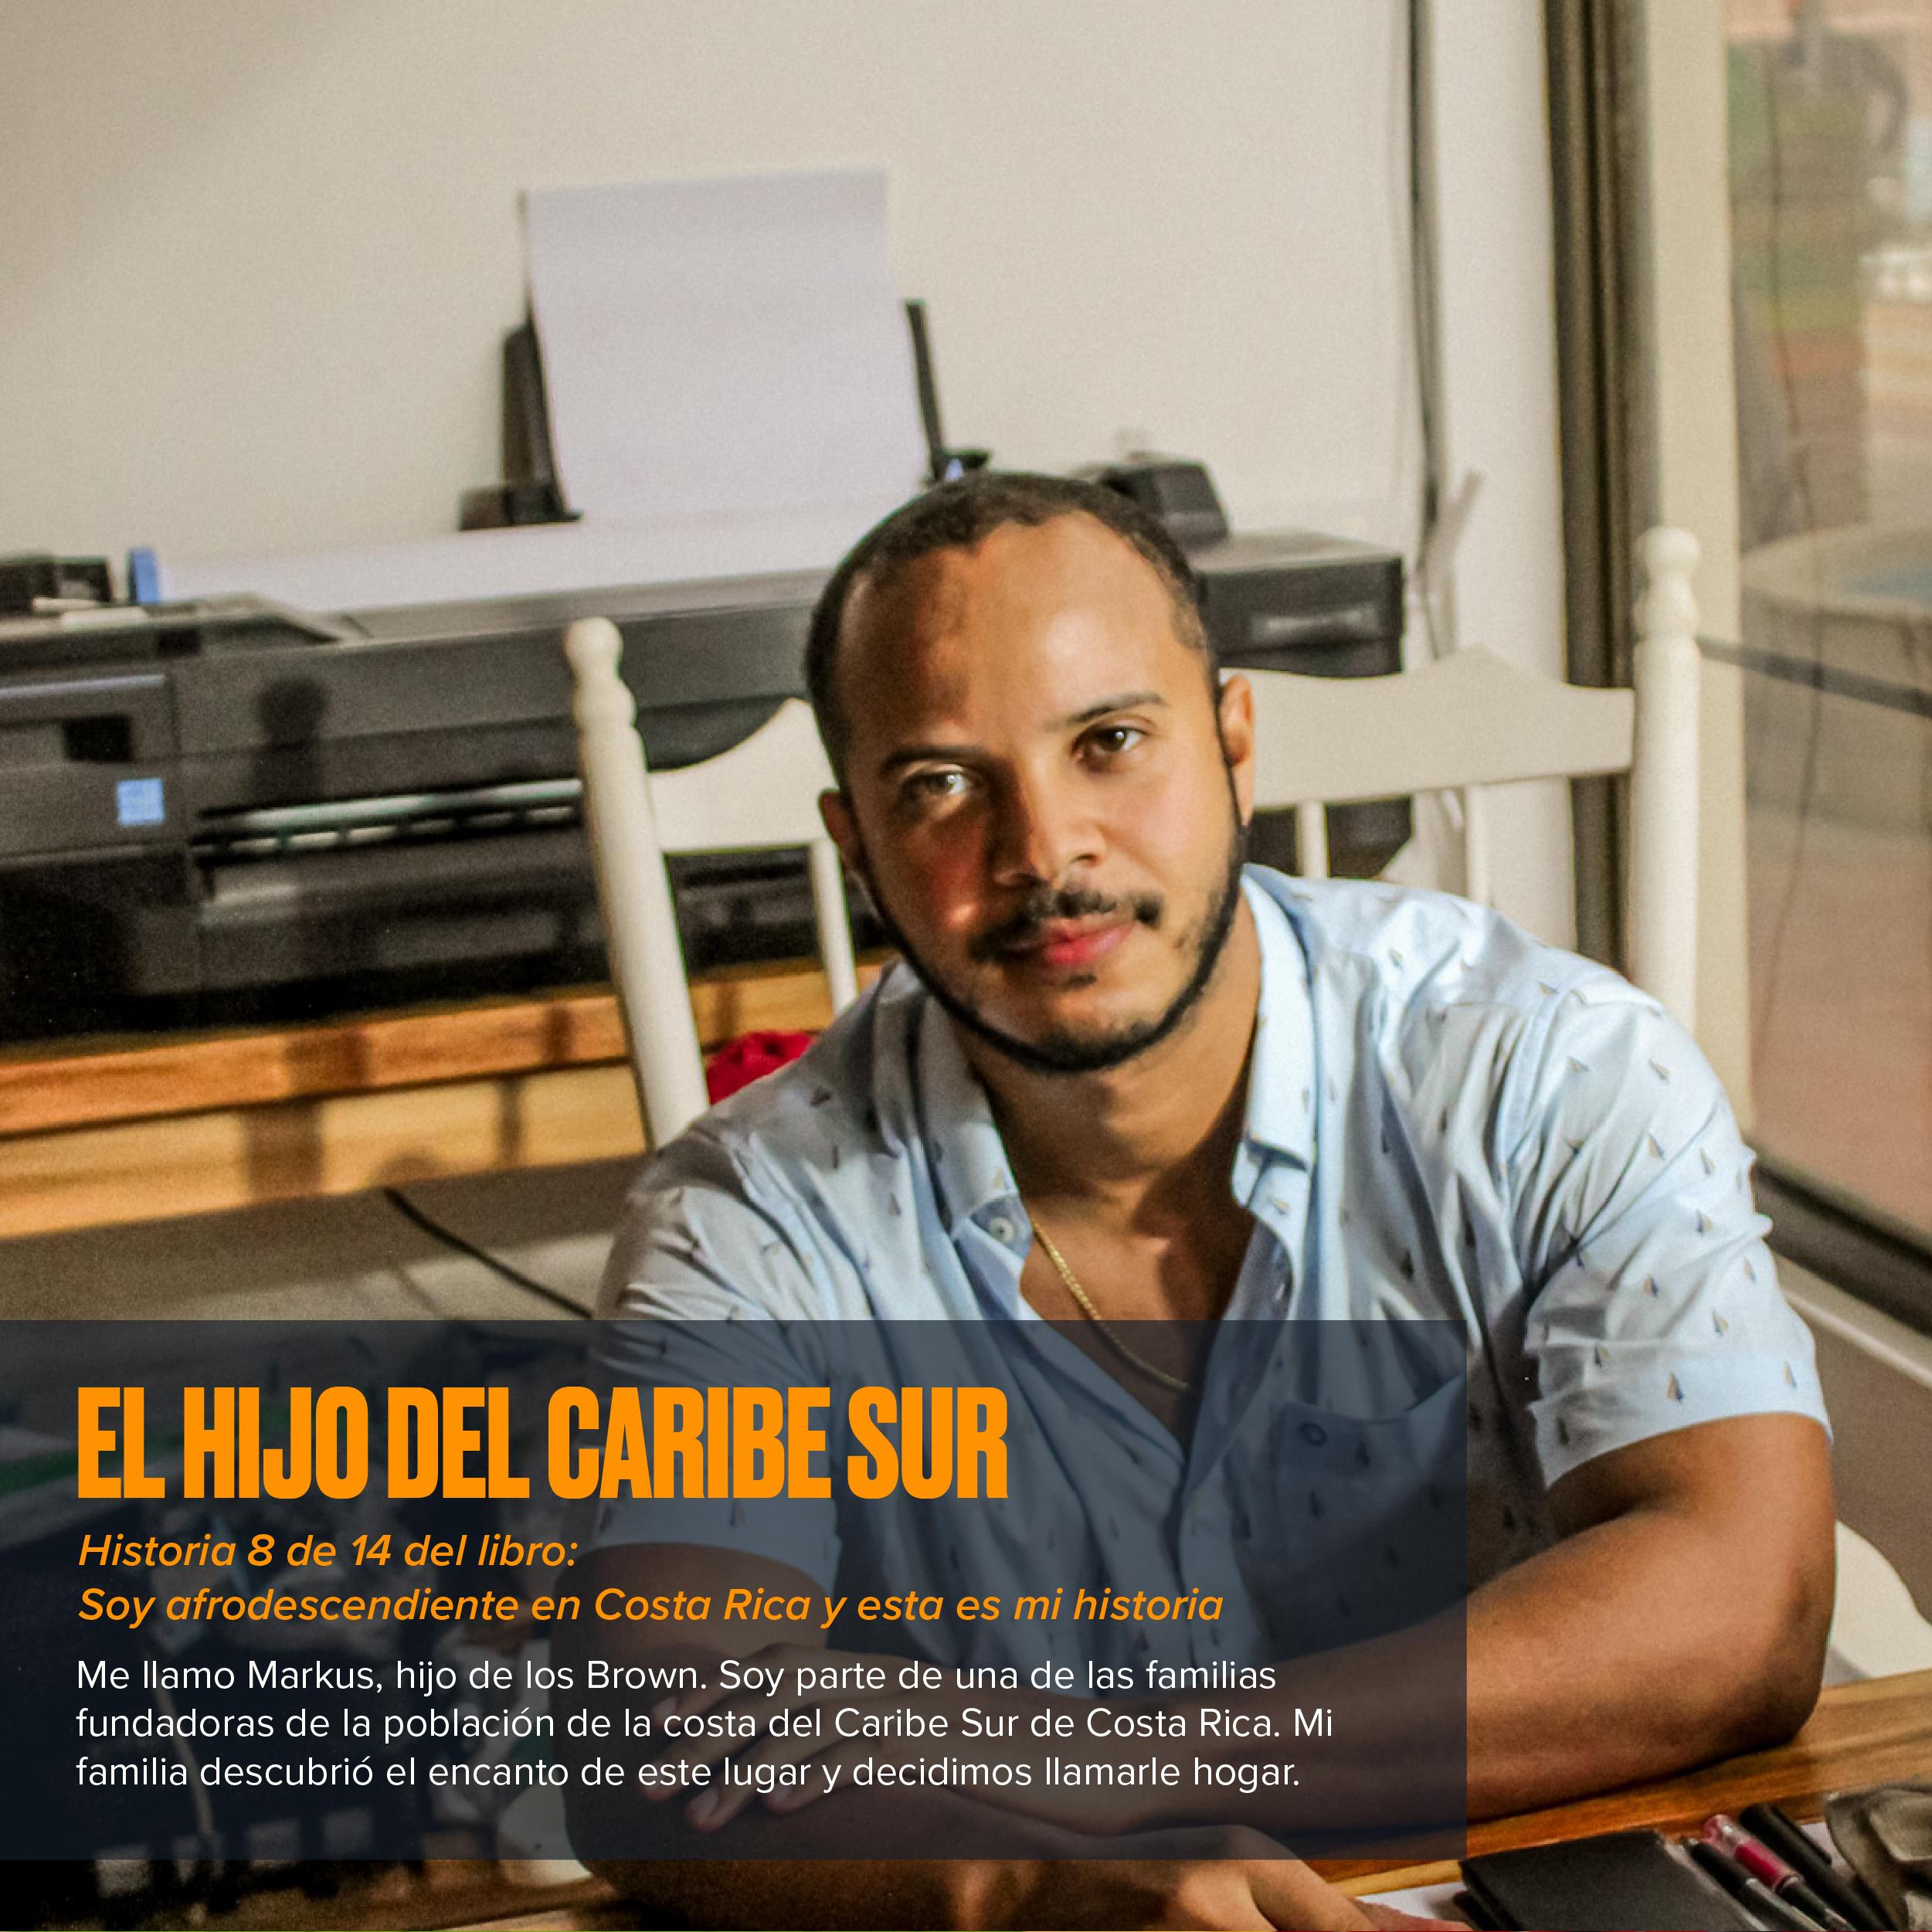 El hijo del Caribe Sur: Historias afrodescendientes